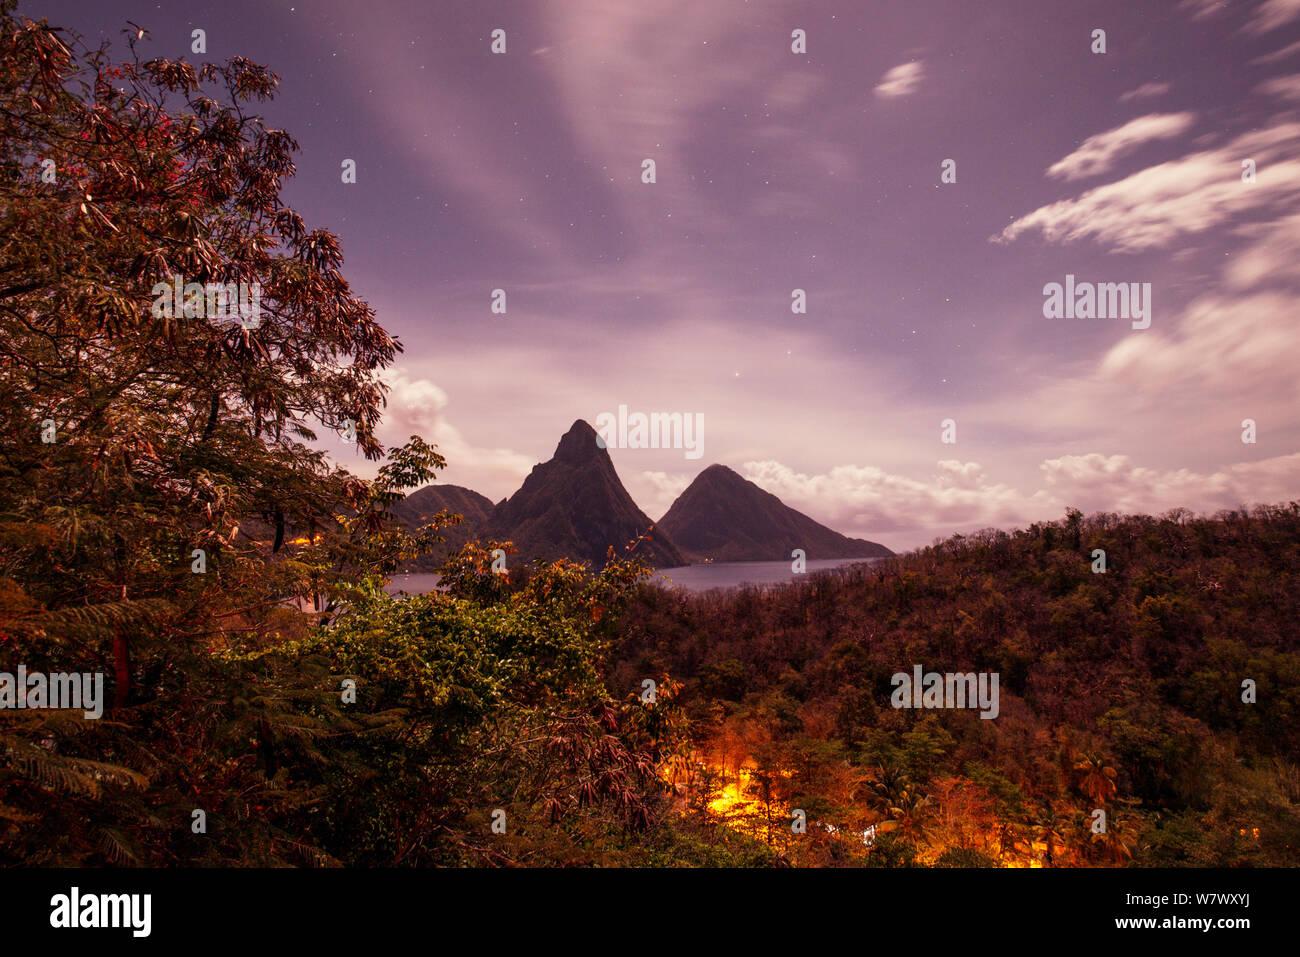 Blick auf die Pitons in der Nacht bei Vollmond, Gros und Petit Piton, von Anse Chastenet, Saint Lucia. April 2014. Stockfoto